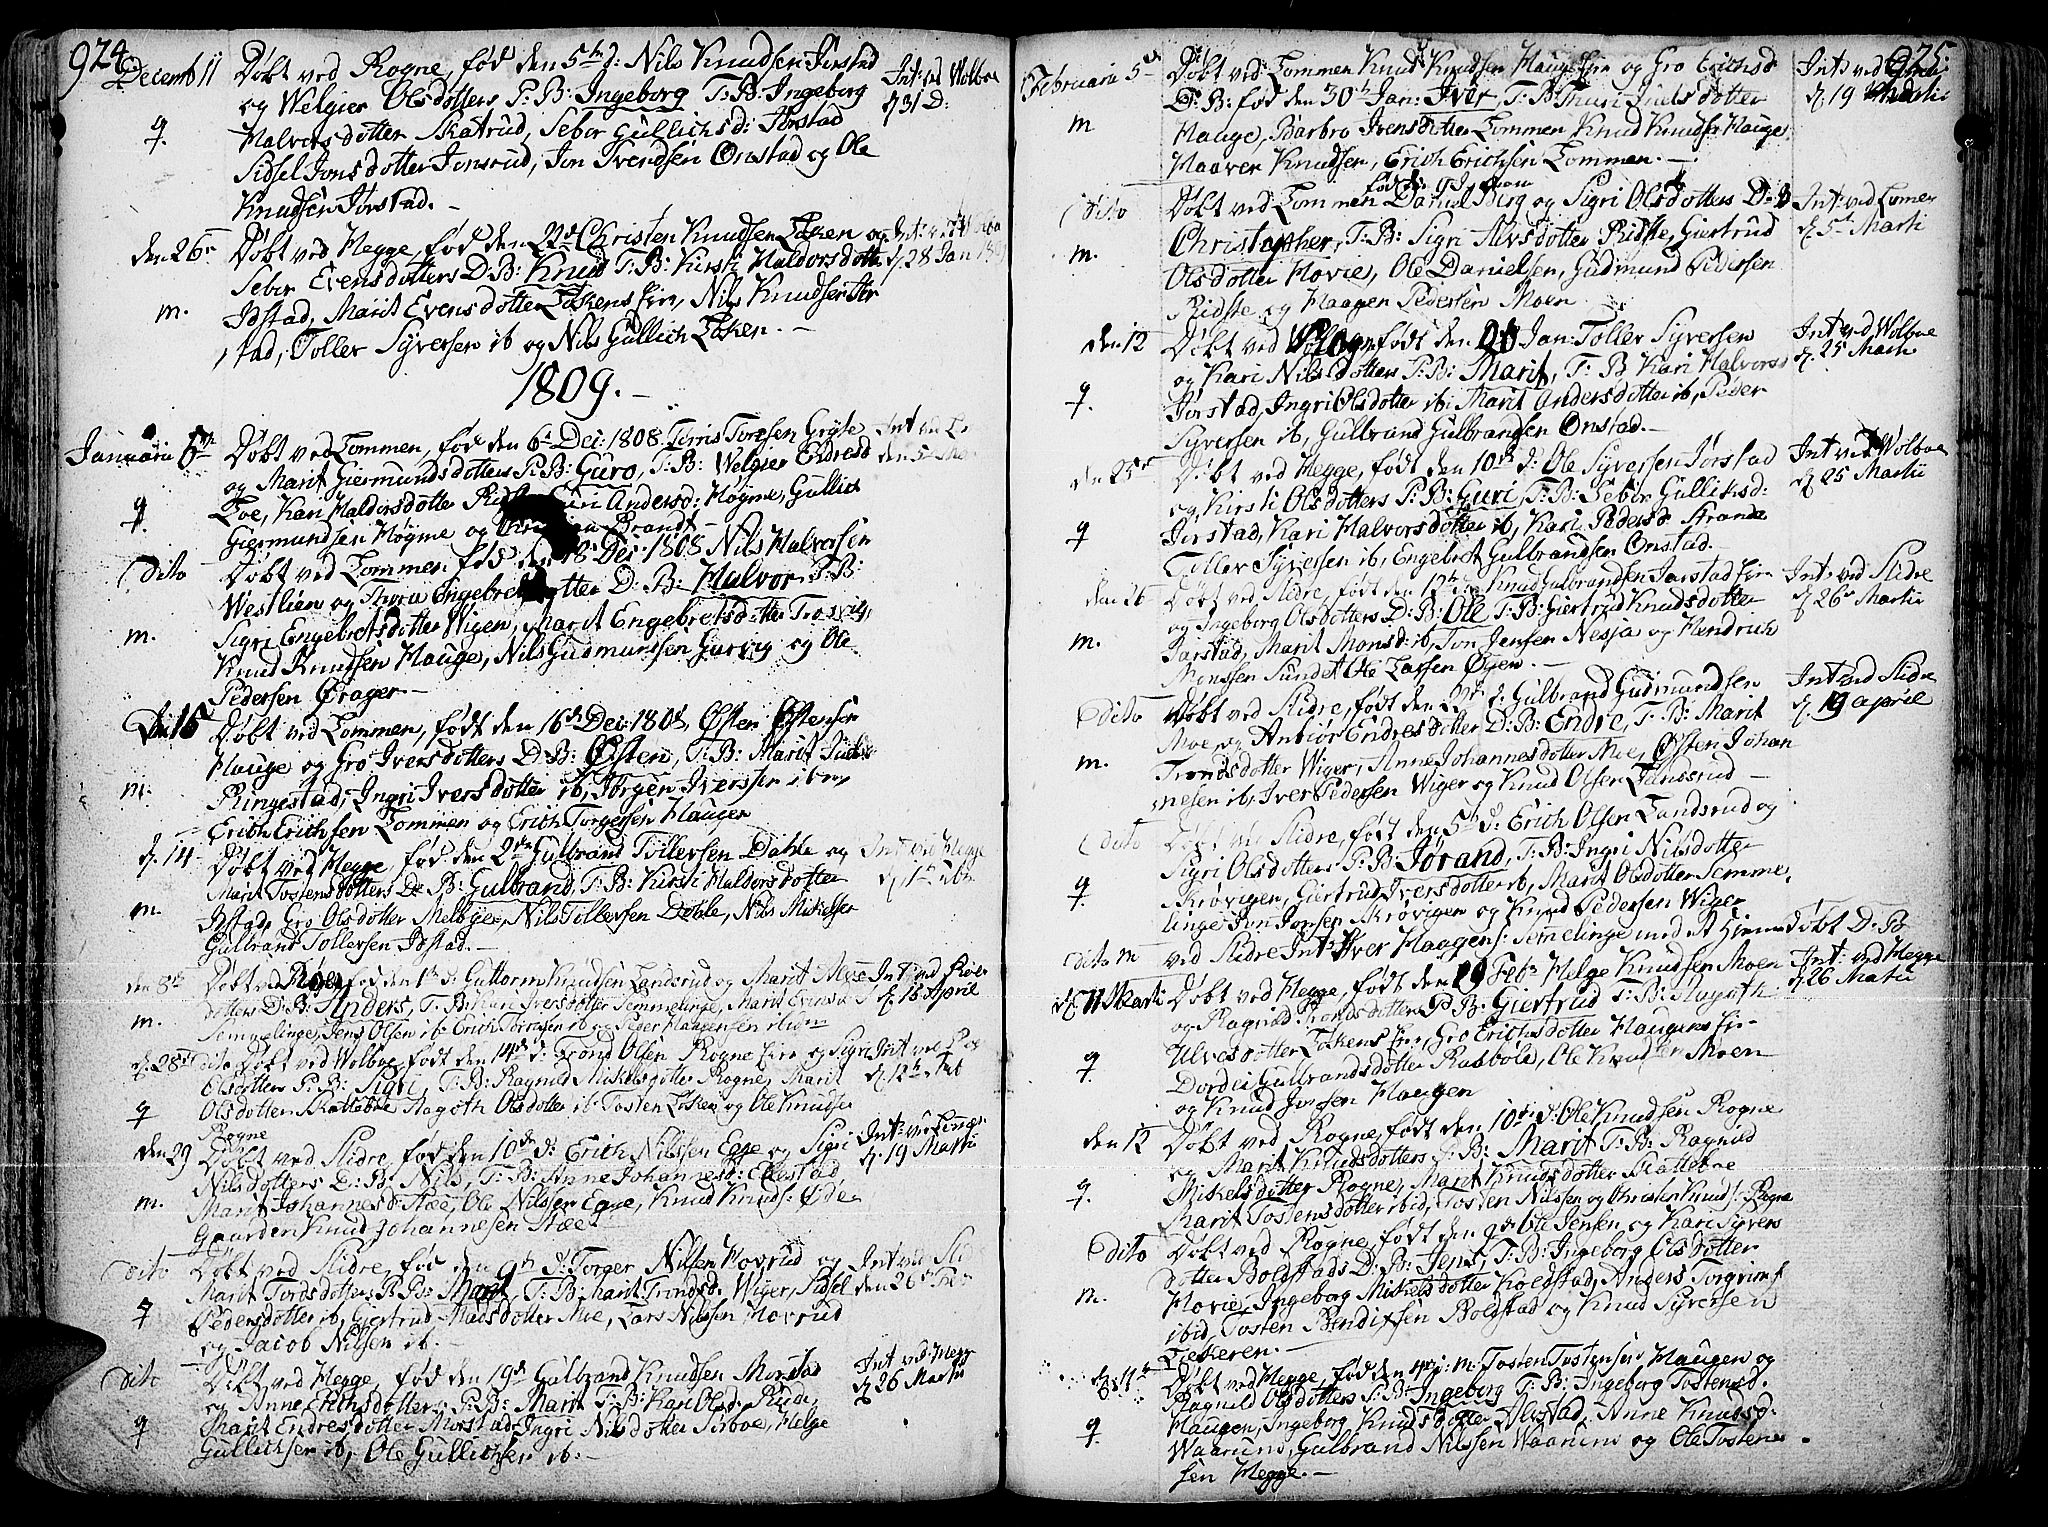 SAH, Slidre prestekontor, Ministerialbok nr. 1, 1724-1814, s. 924-925